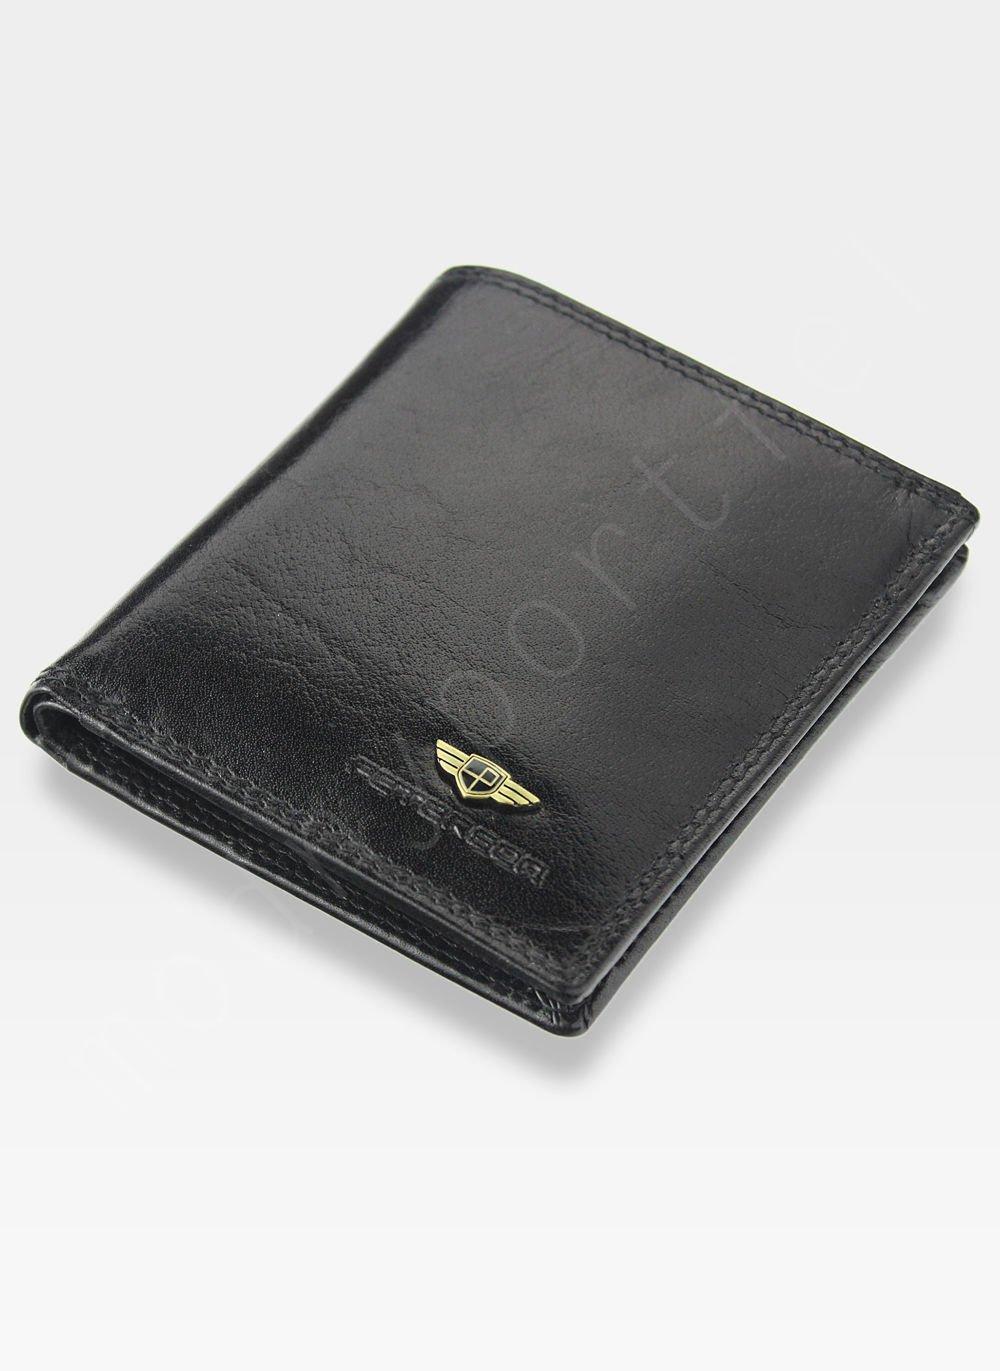 17f67306d4622 Portfel Męski Peterson Skórzany 377 Czarny RFID STOP Piekiełko 377 2 ...